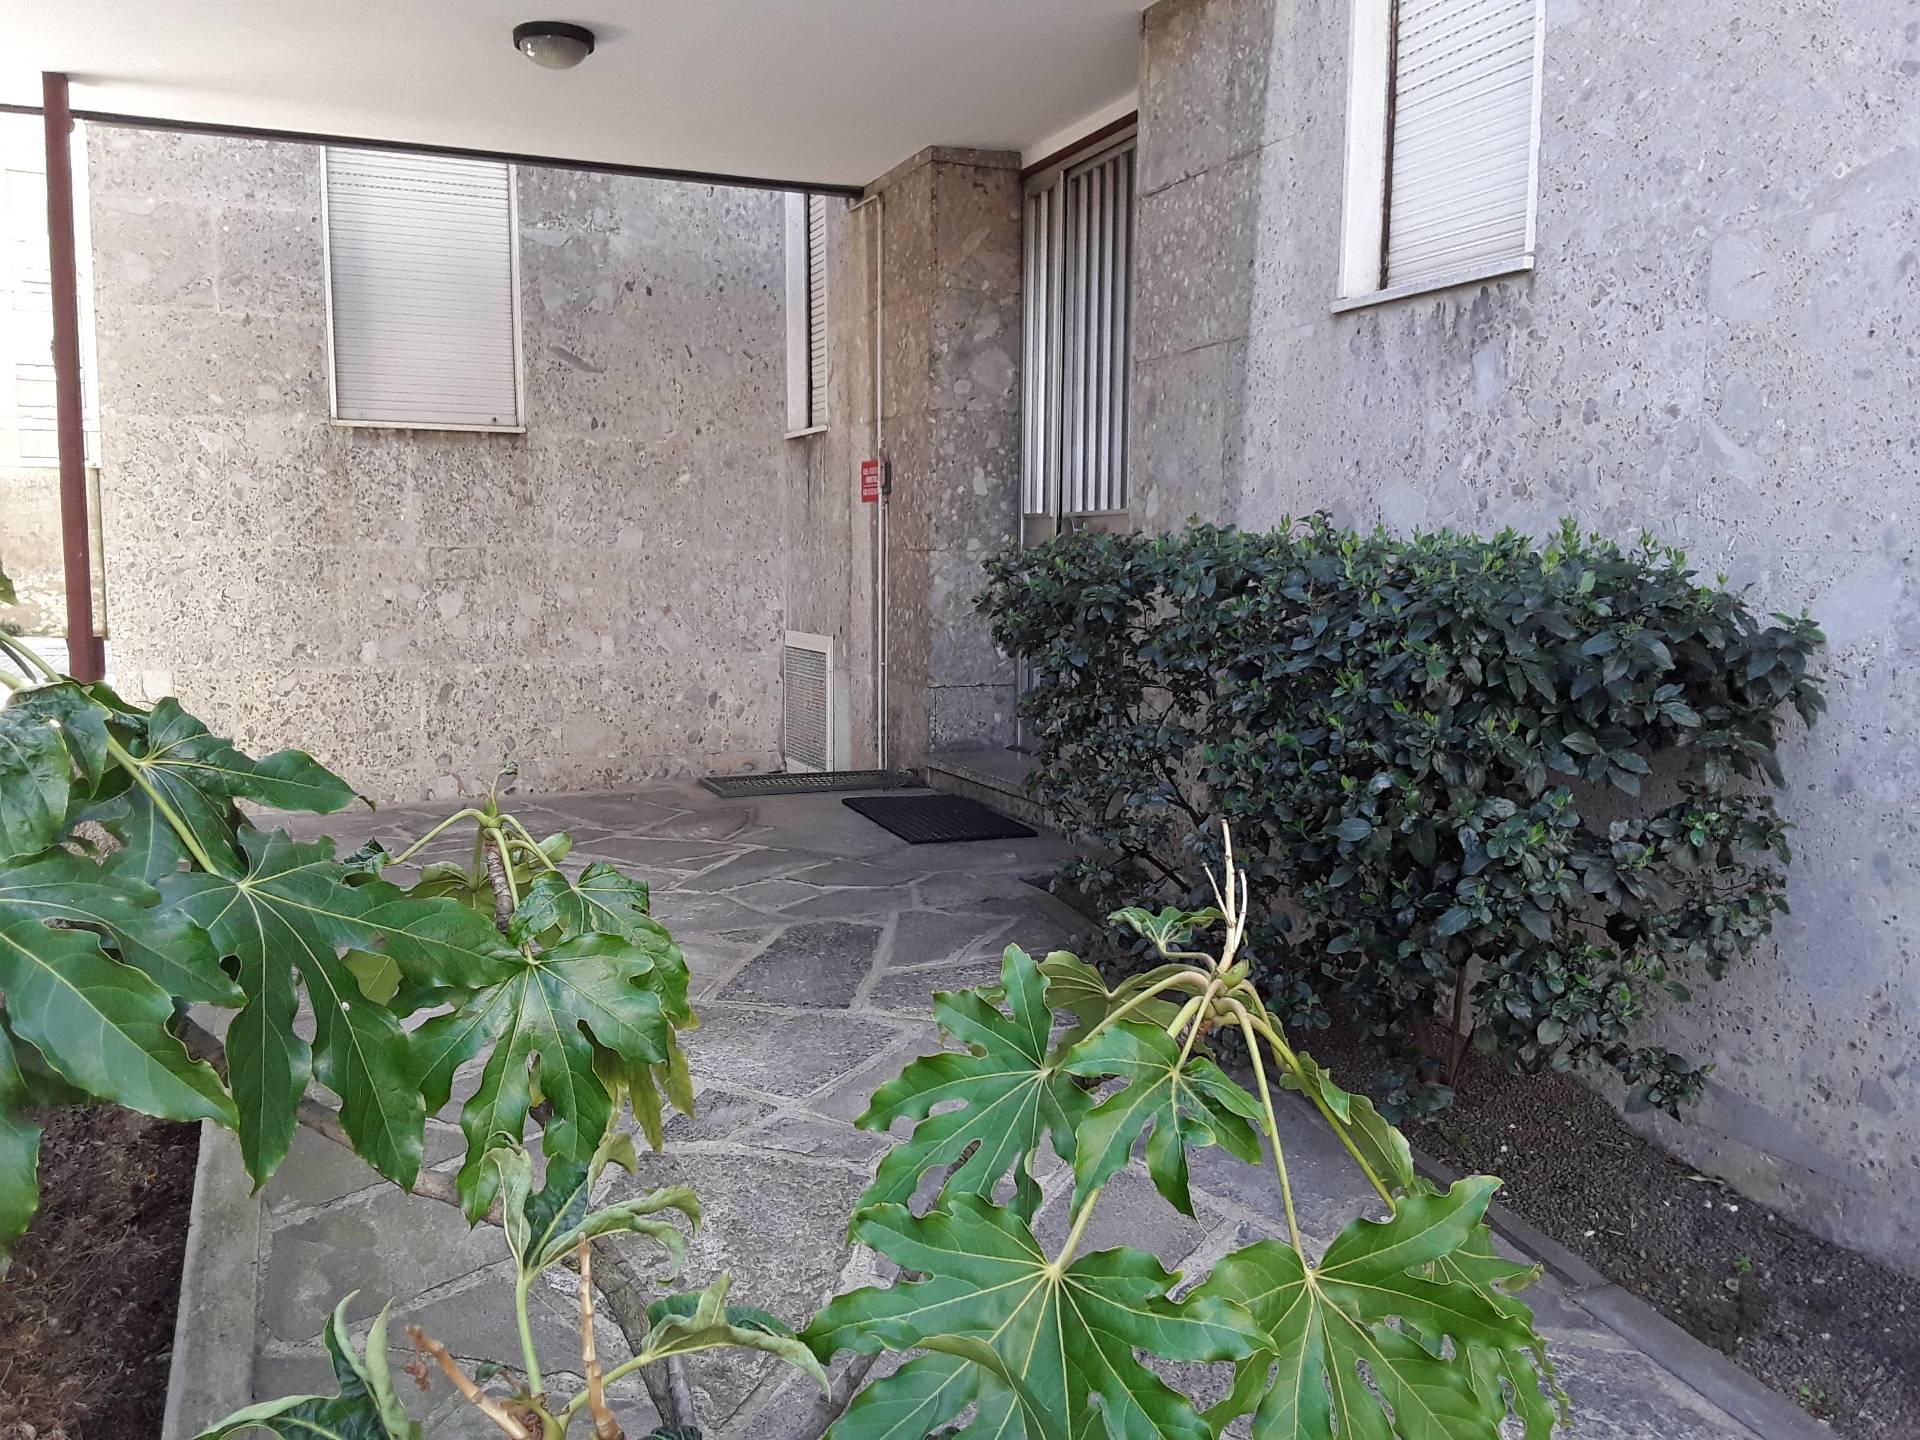 Ufficio / Studio in affitto a Busto Arsizio, 9999 locali, zona Località: StazioneF.s, prezzo € 500 | CambioCasa.it